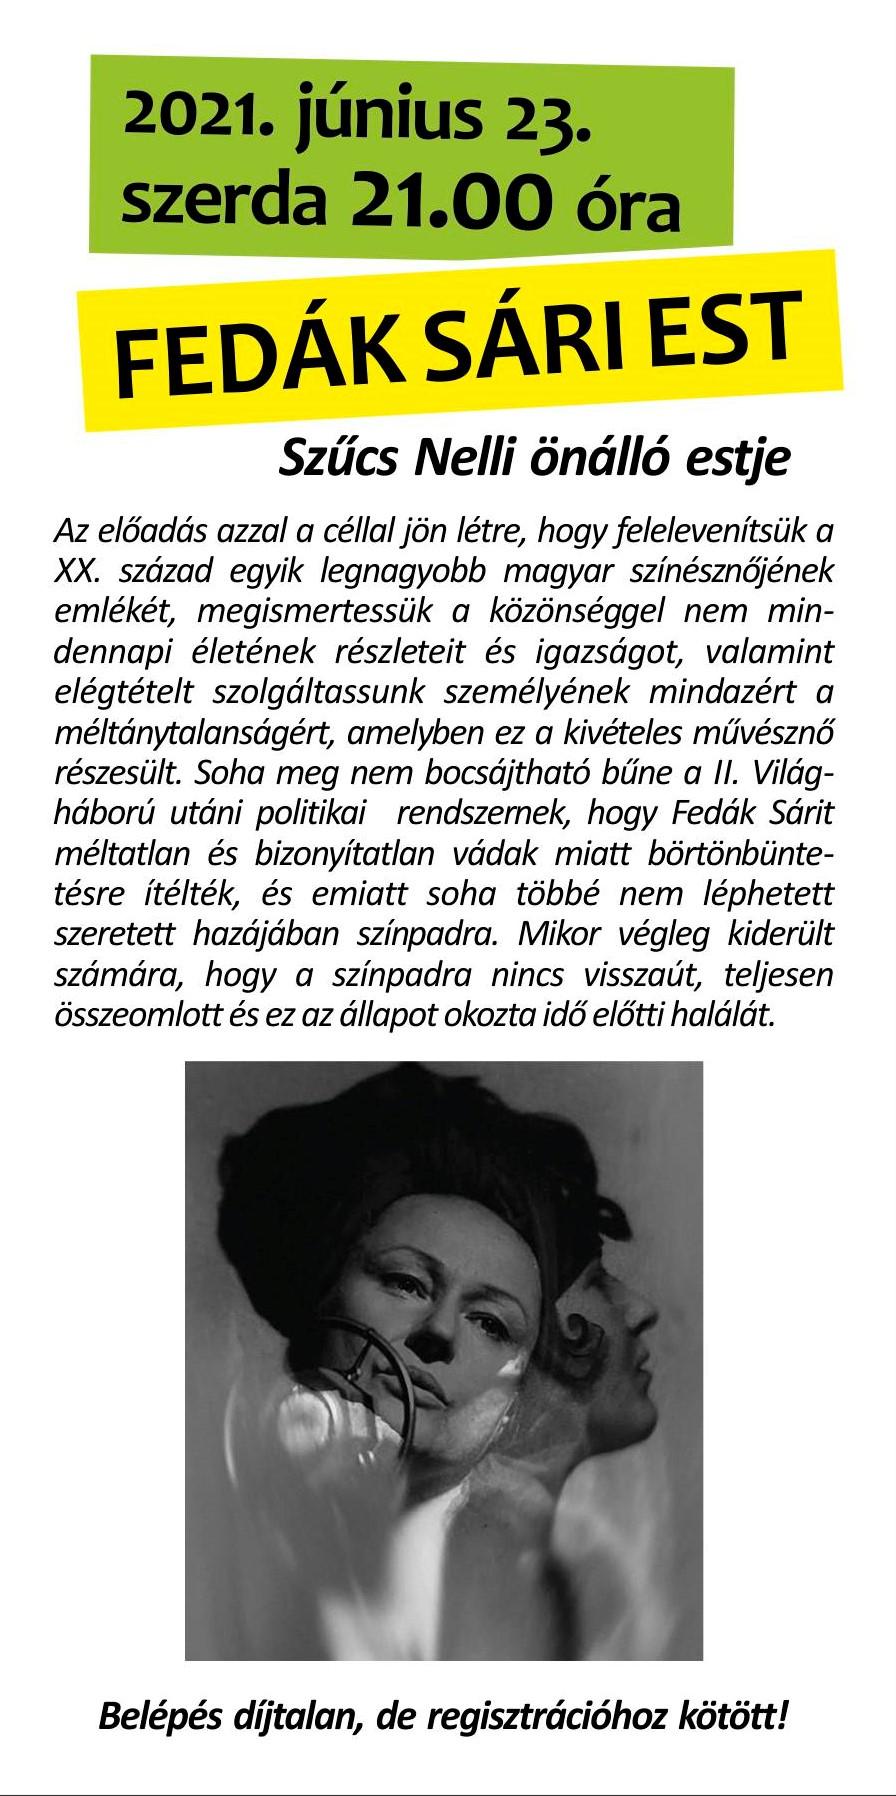 Nyári Művészeti Fesztivál - Fedák Sári Est